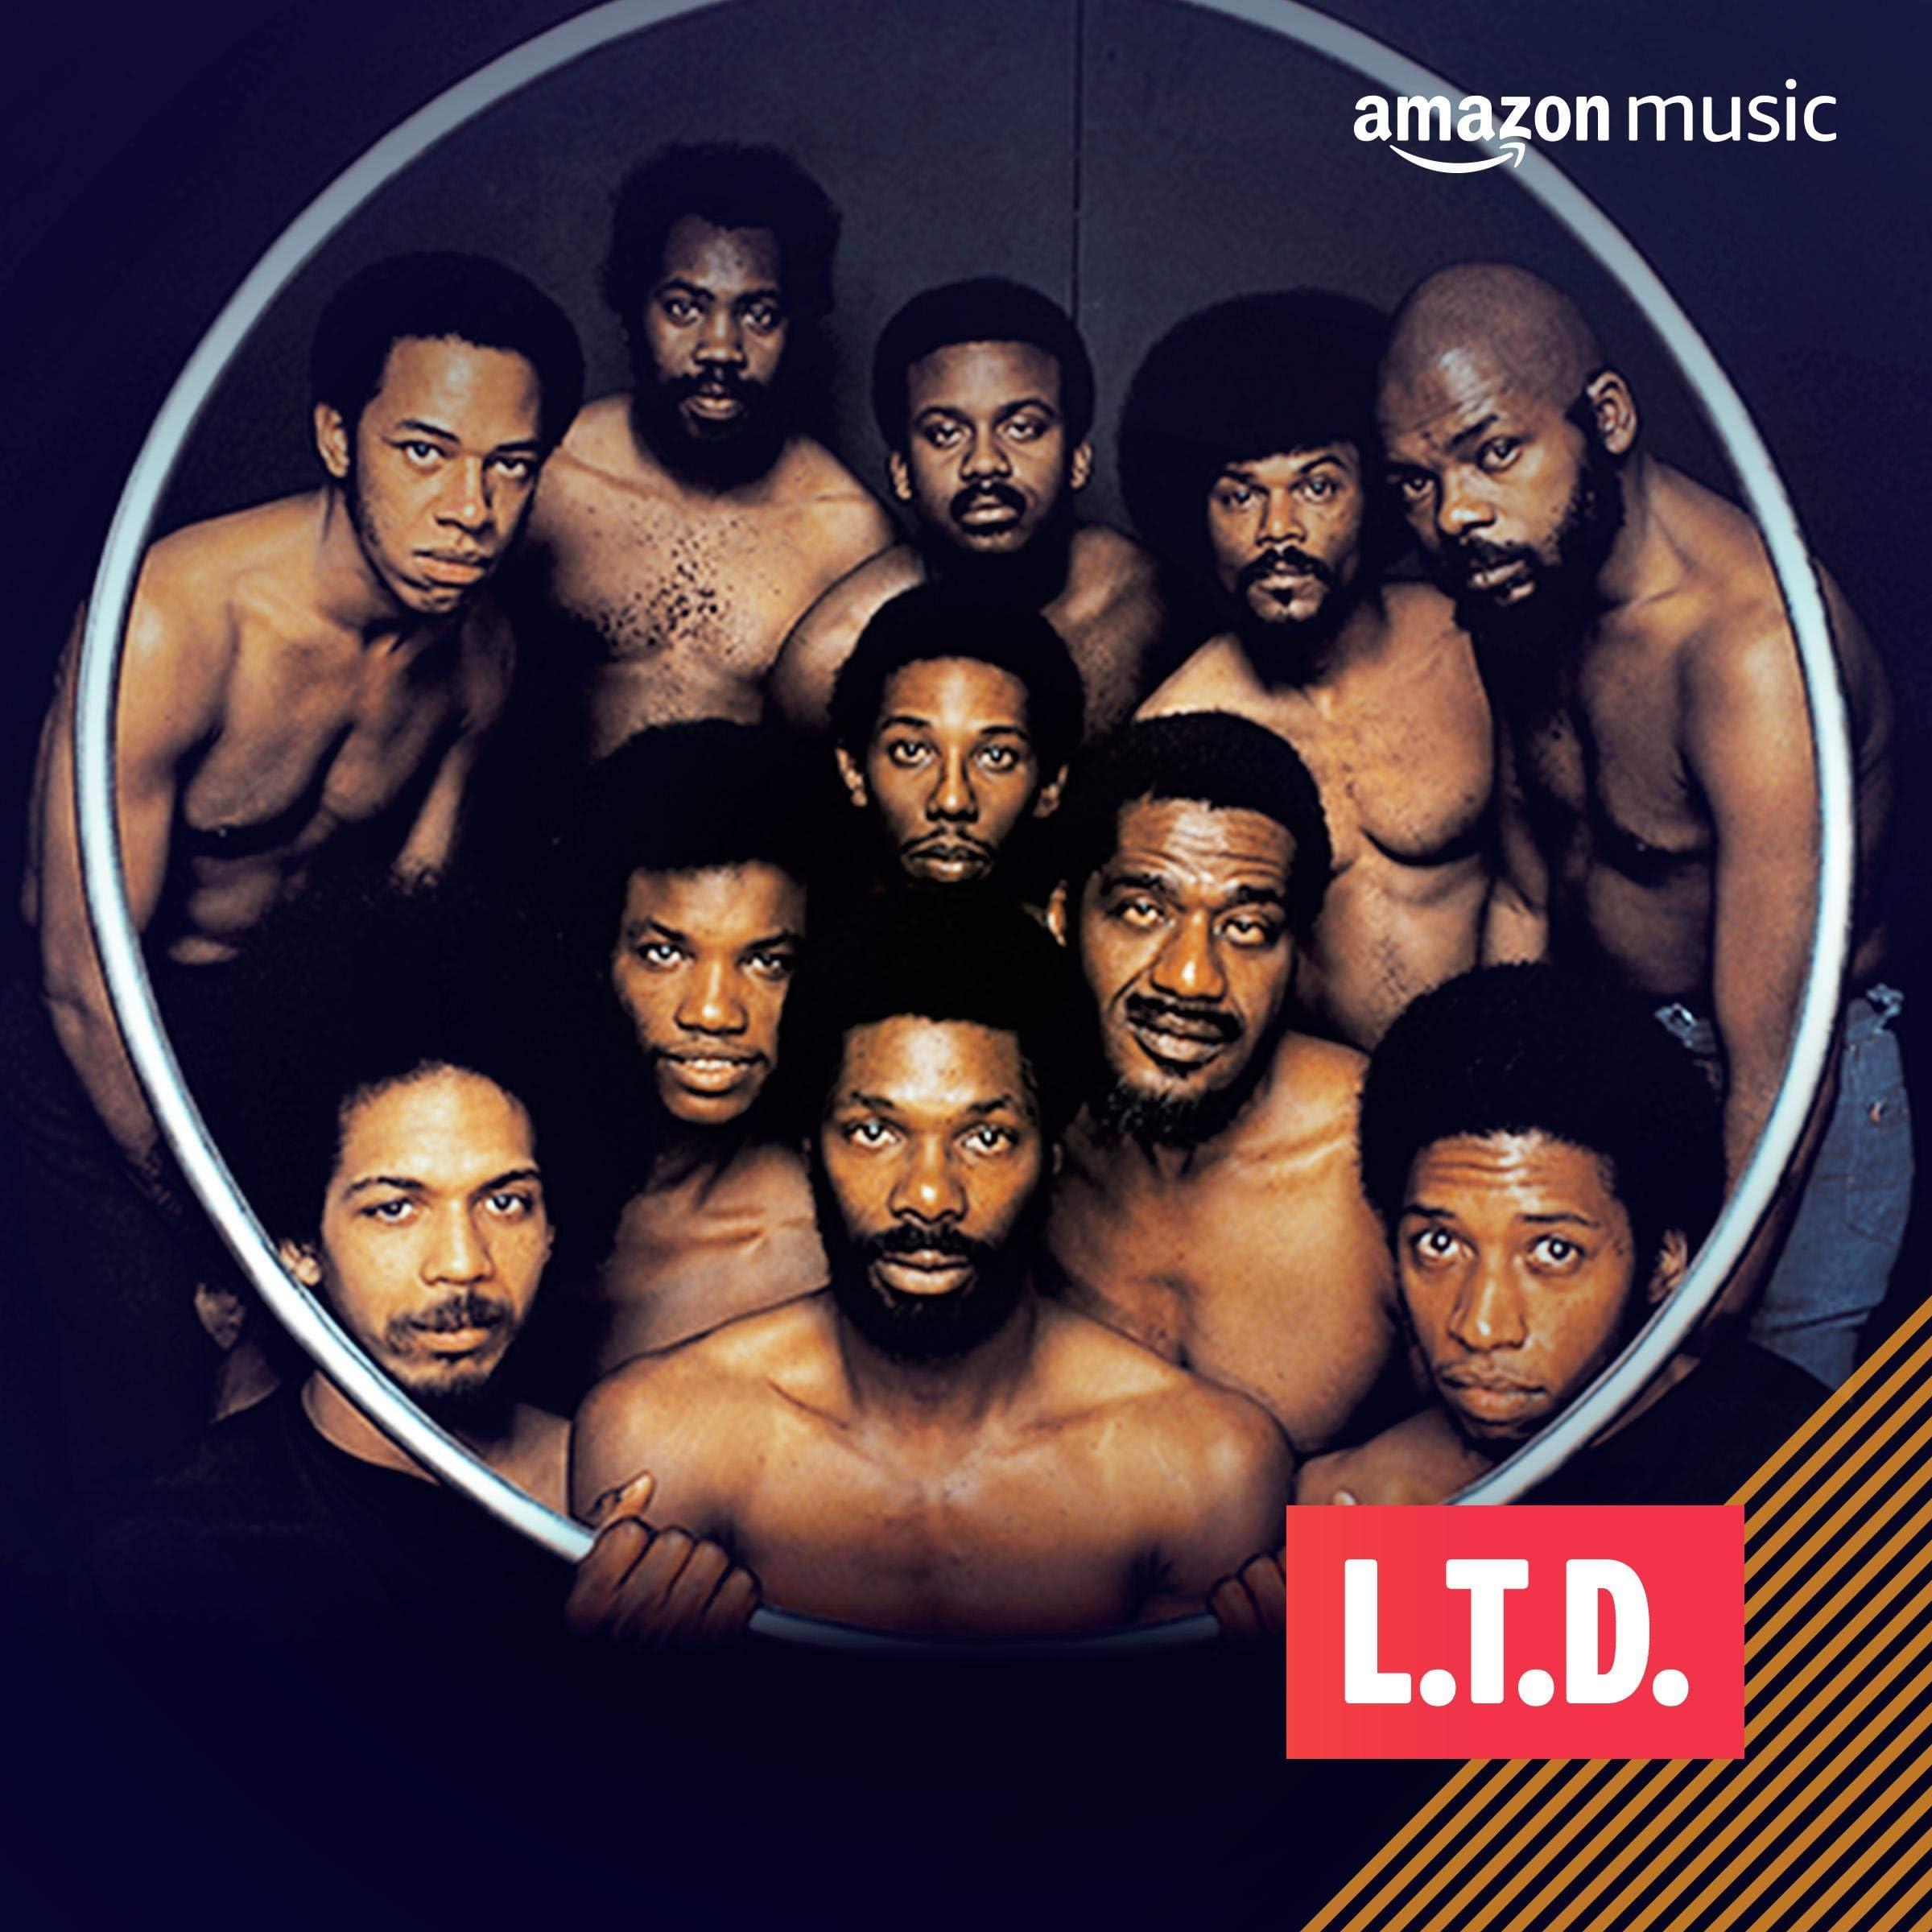 L.T.D.